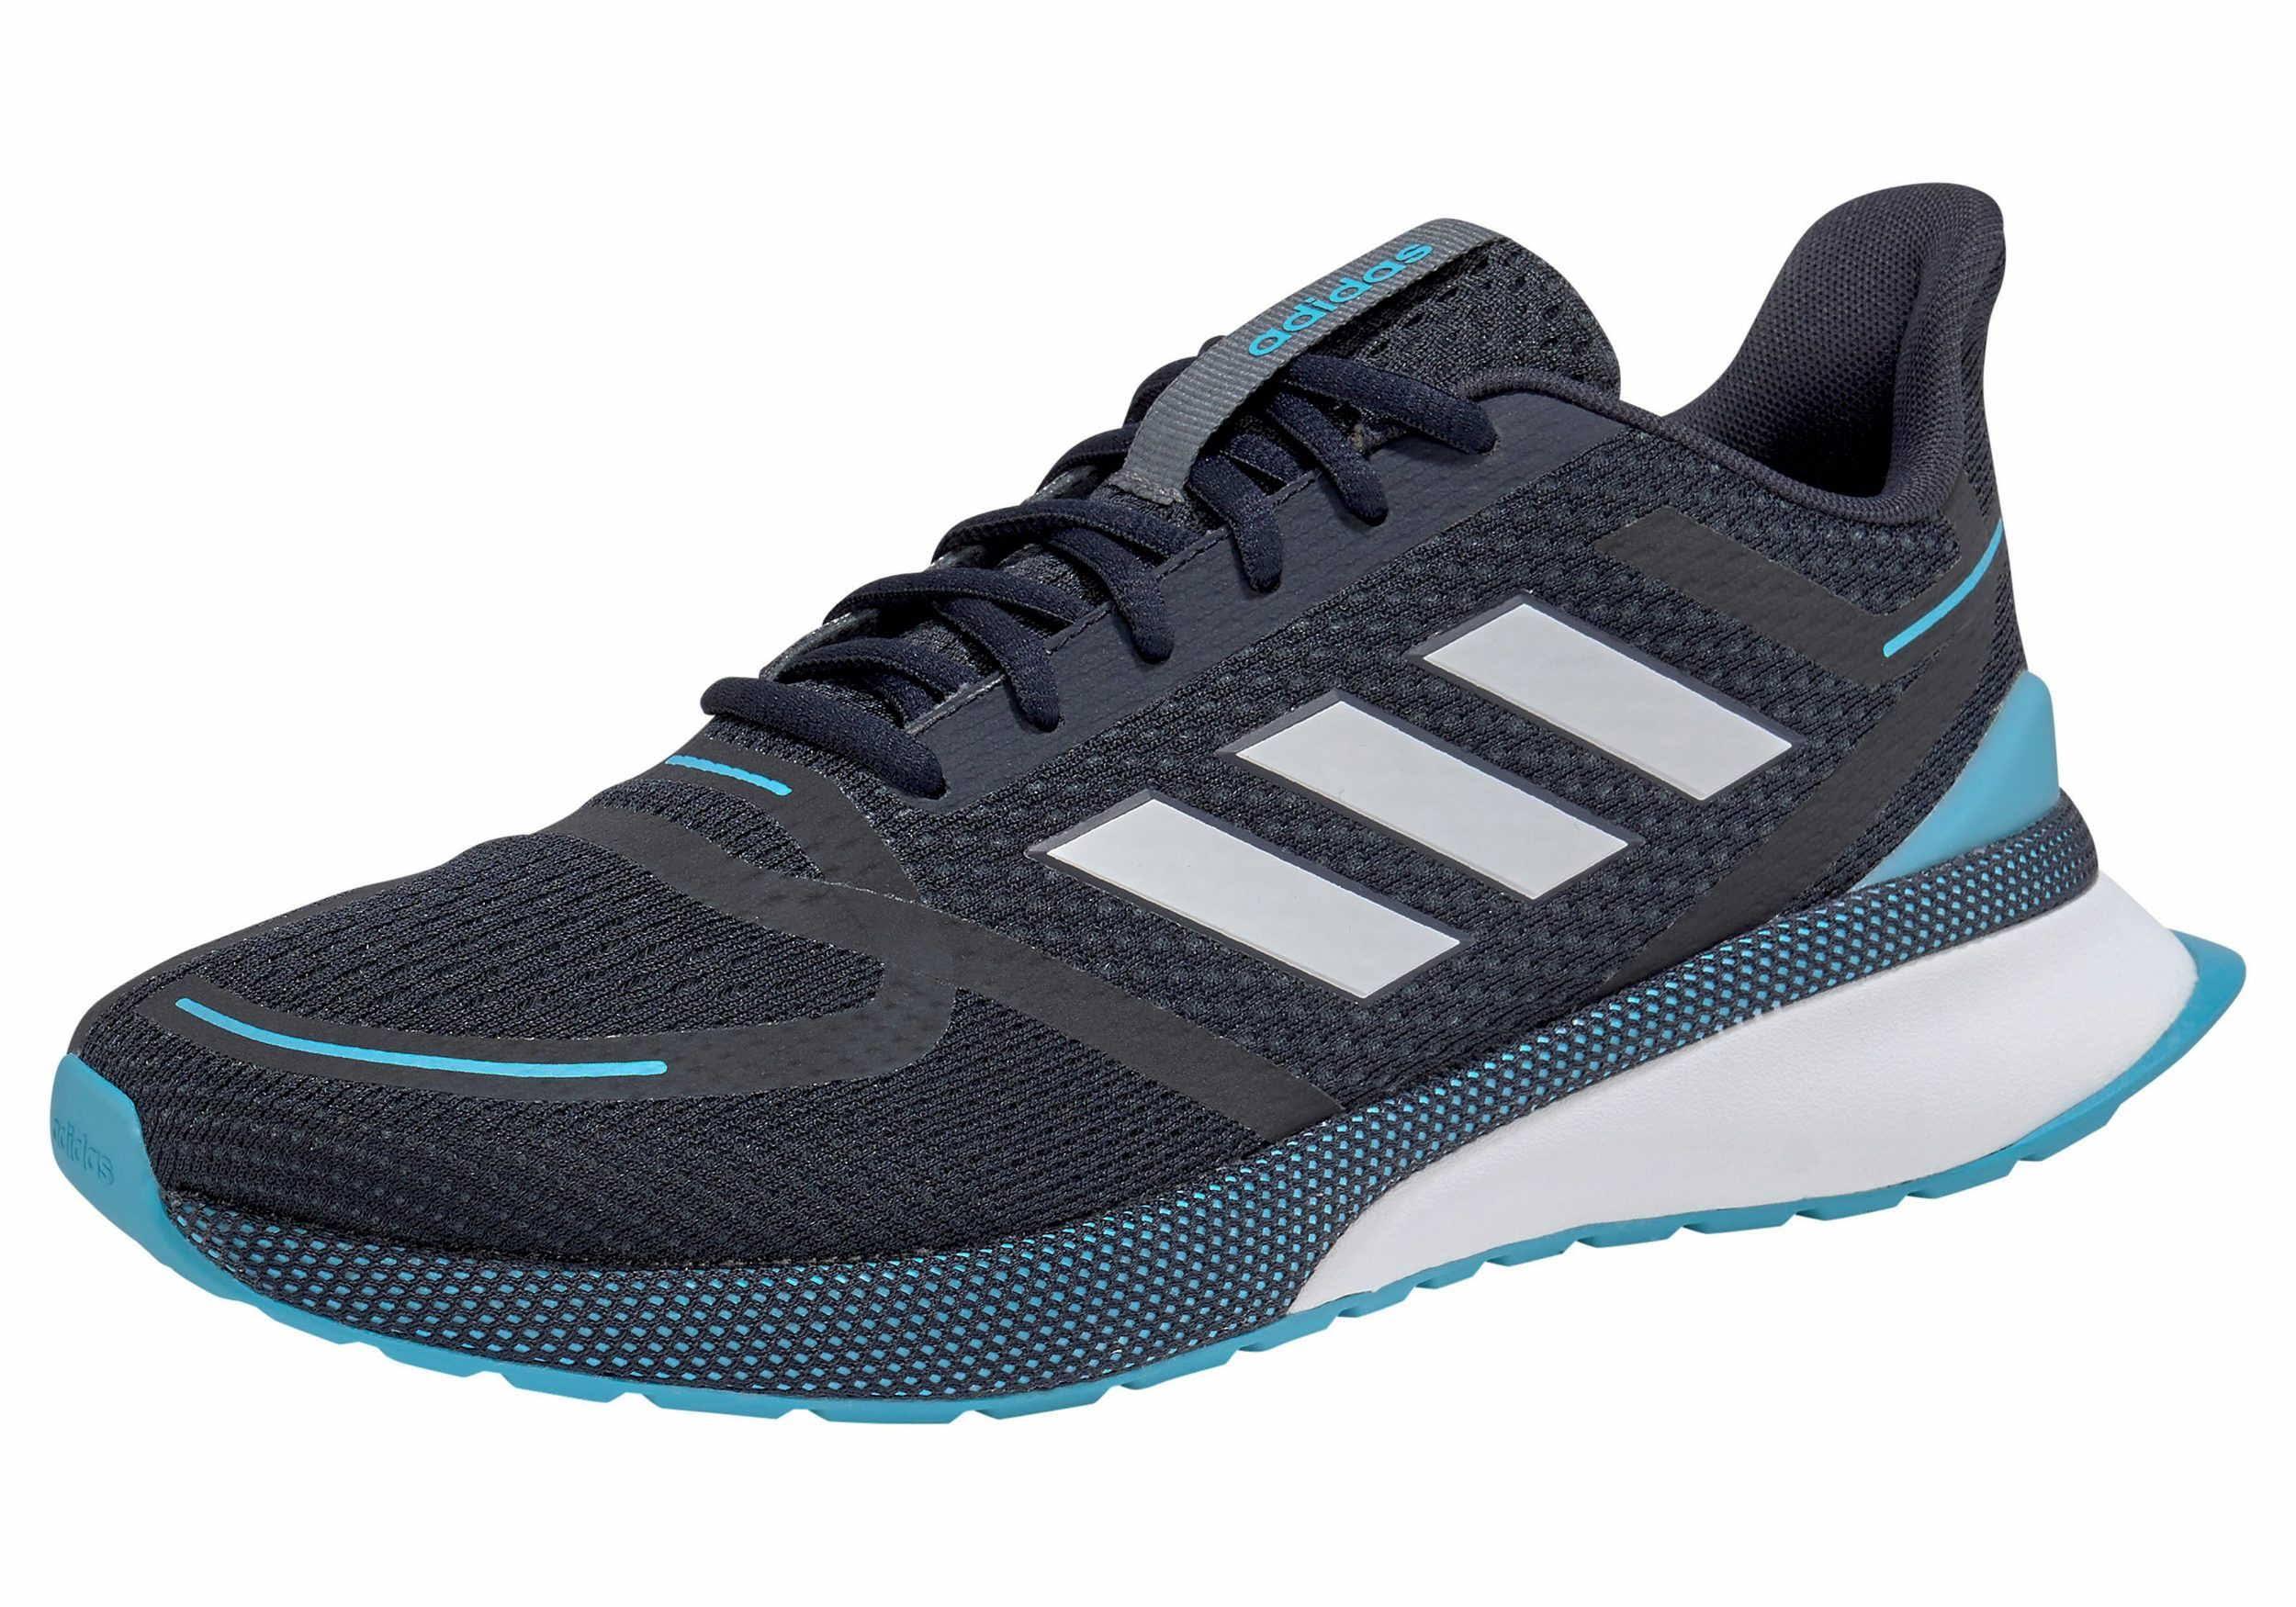 Adidas Nova Run M EG3169 Shoes Navy